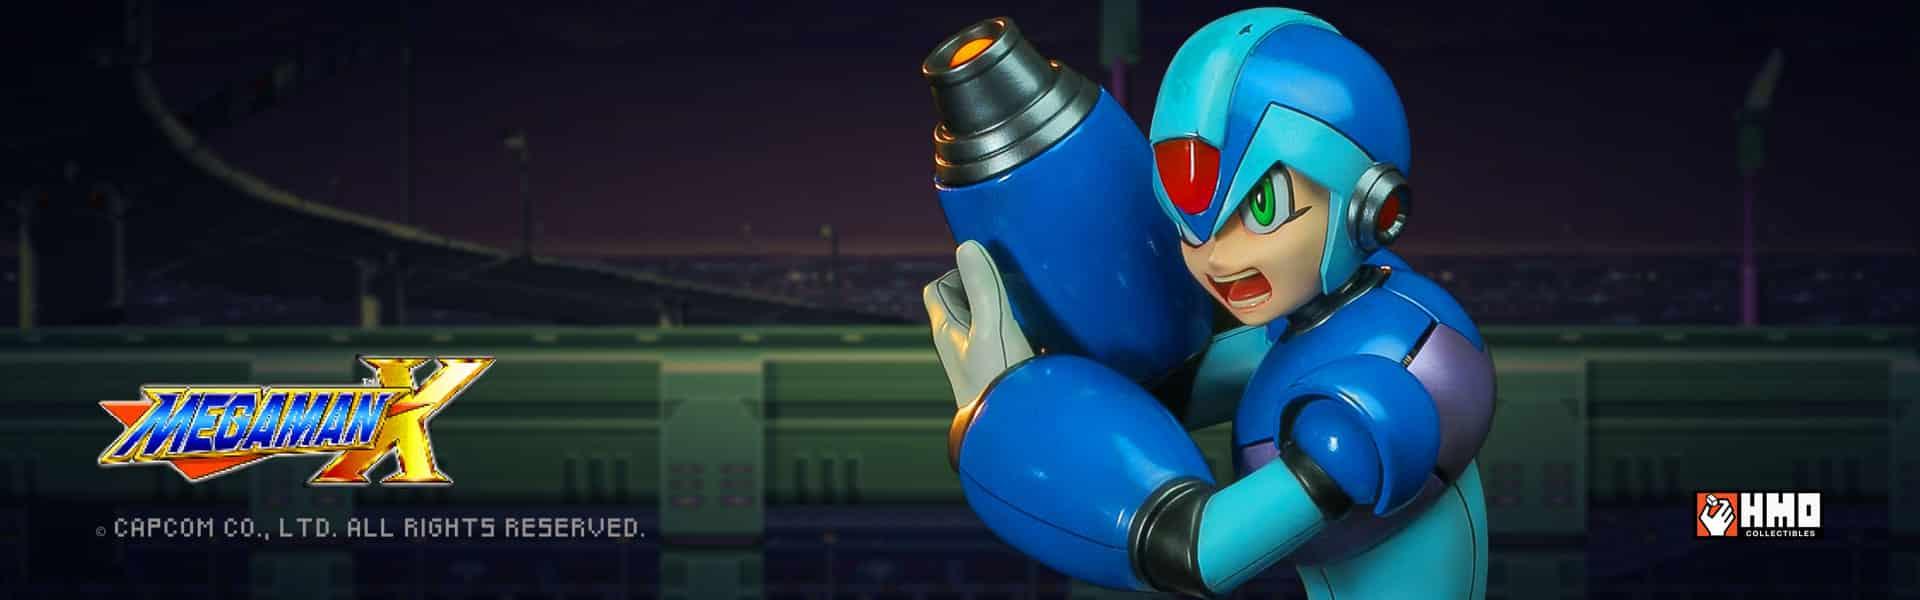 MegaManX-Banner-v03